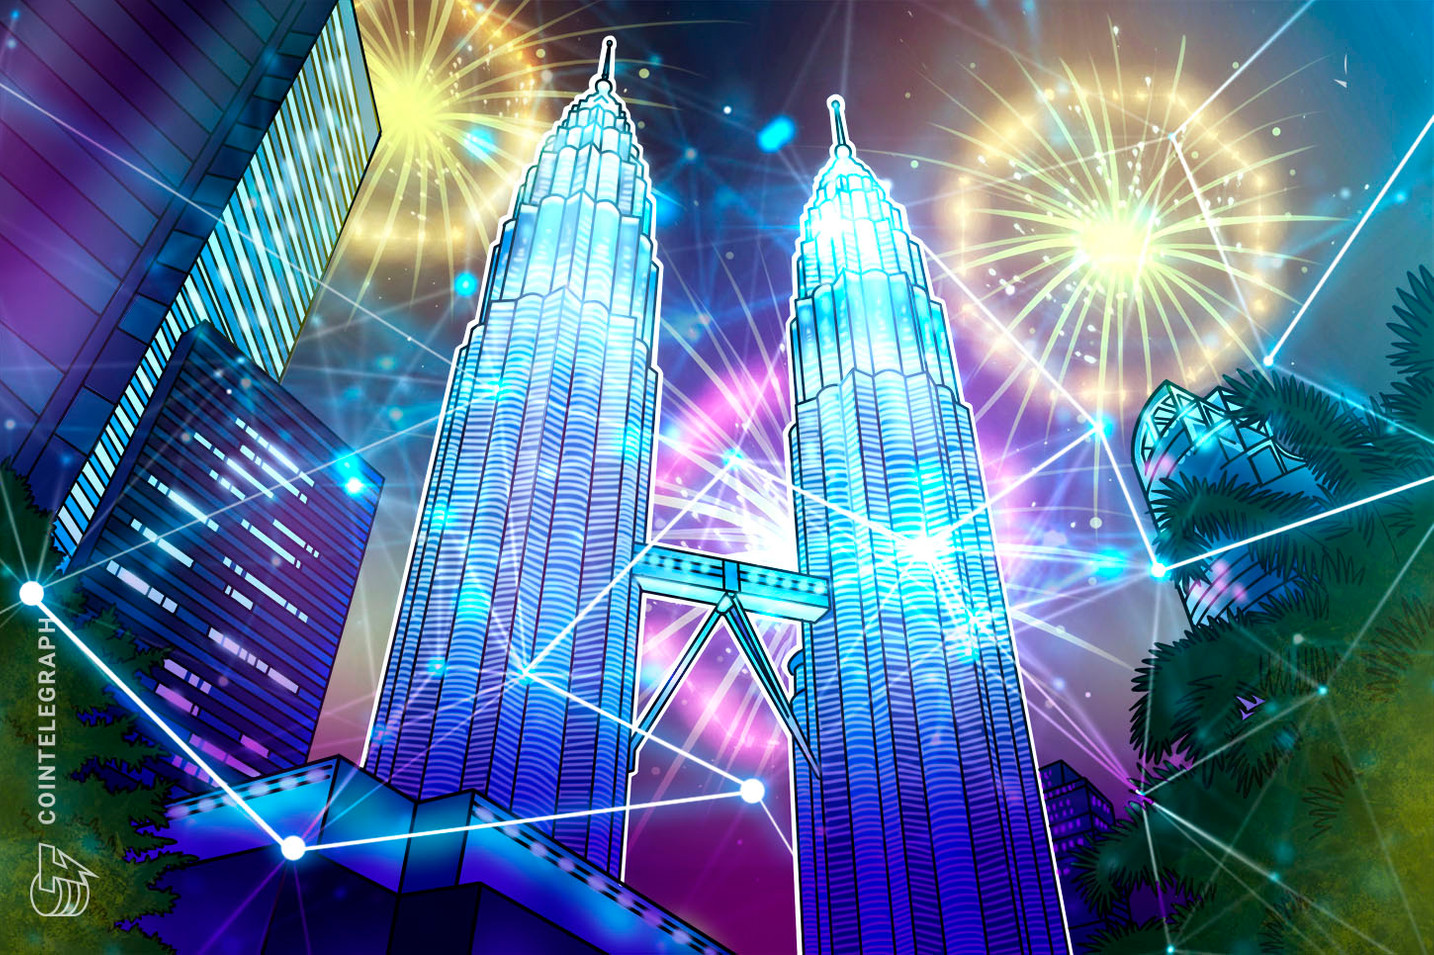 HSBC promulga la primera carta de crédito en una cadena de bloques en Malasia